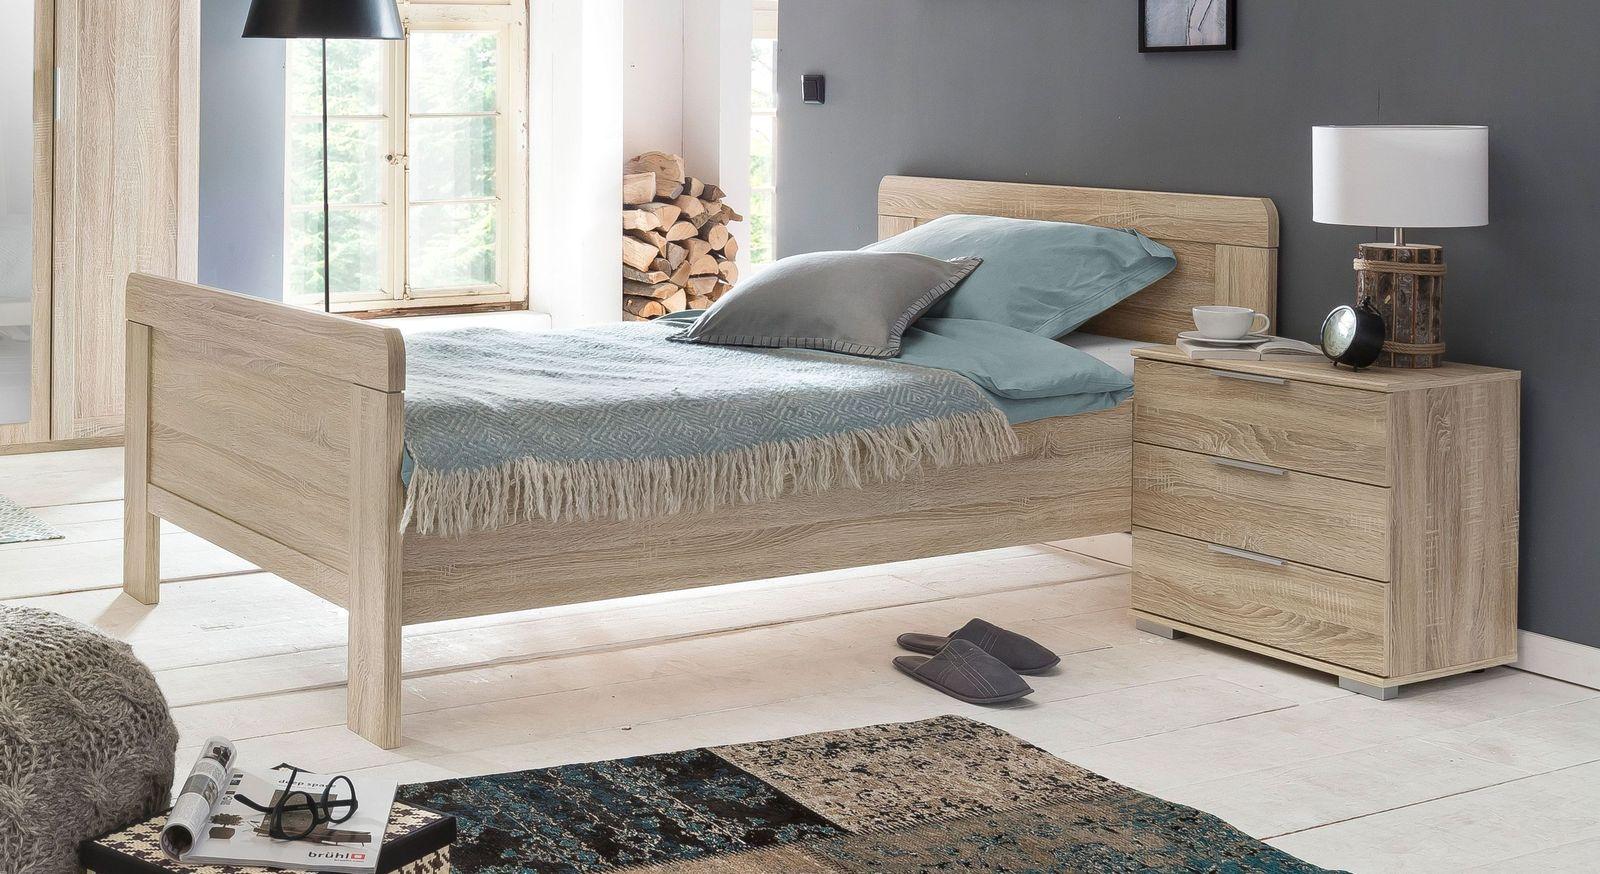 Komfort-Einzelbett Sinello mit klassischem Bettgestell